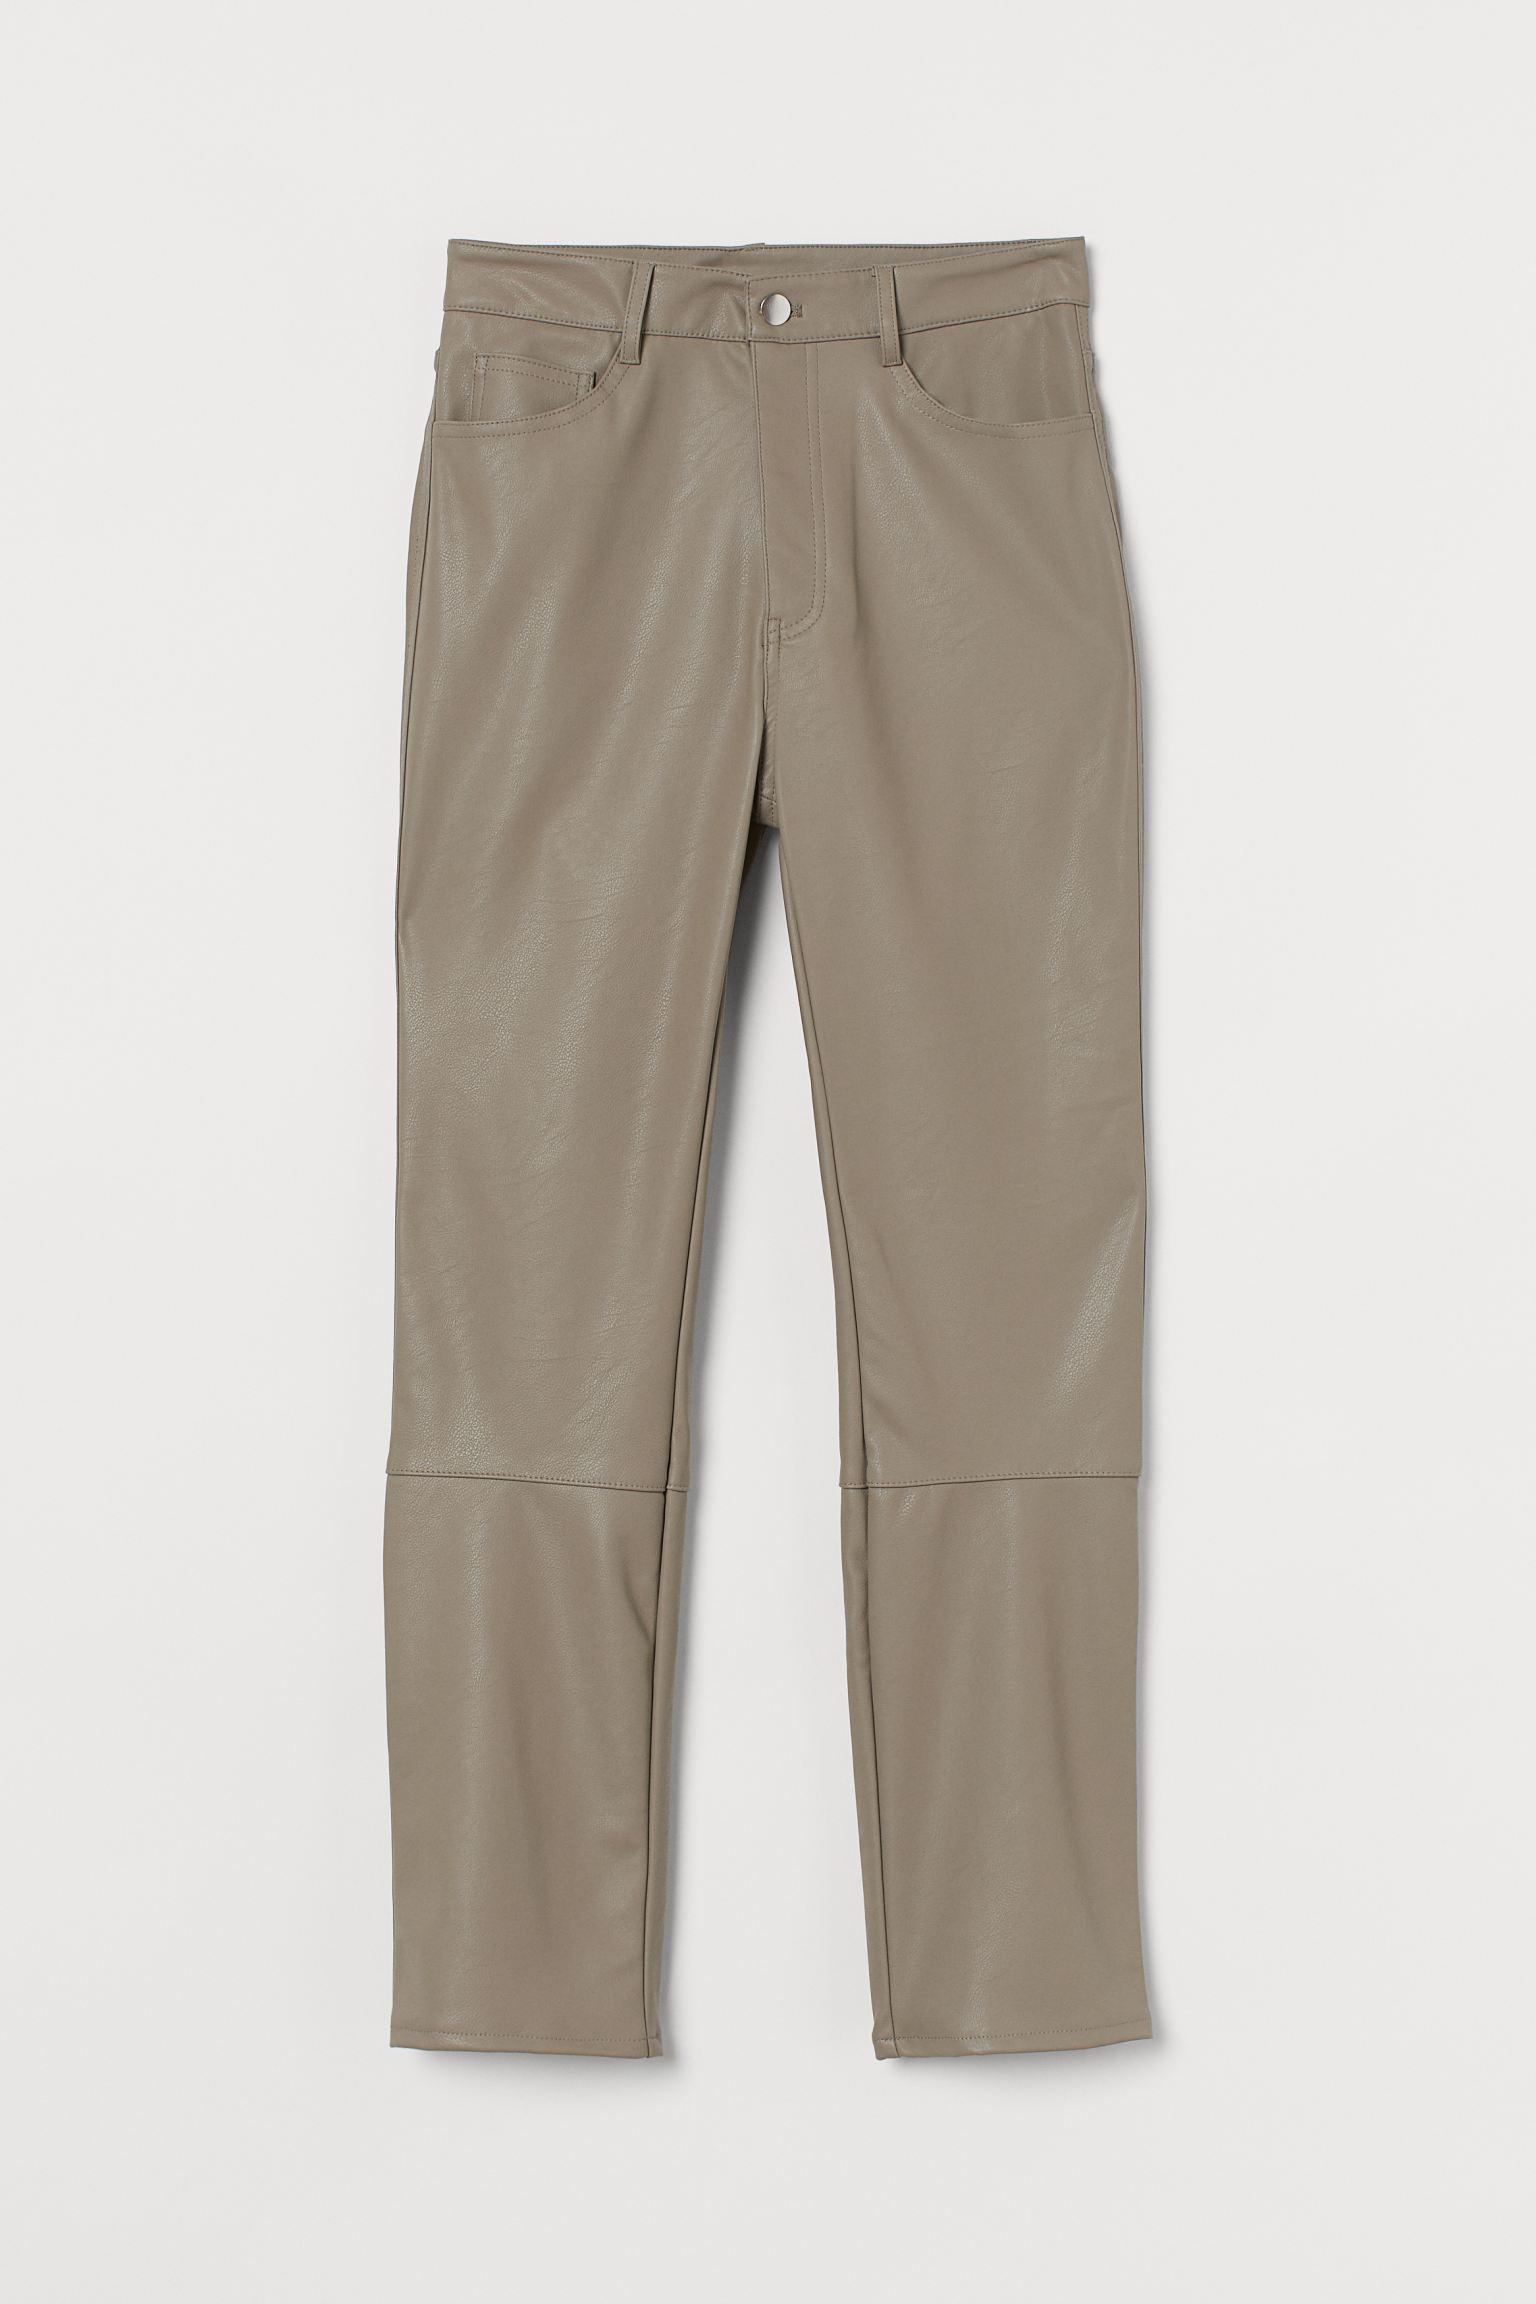 Le pantalon en (simili)cuir revient grincer dans nos armoires